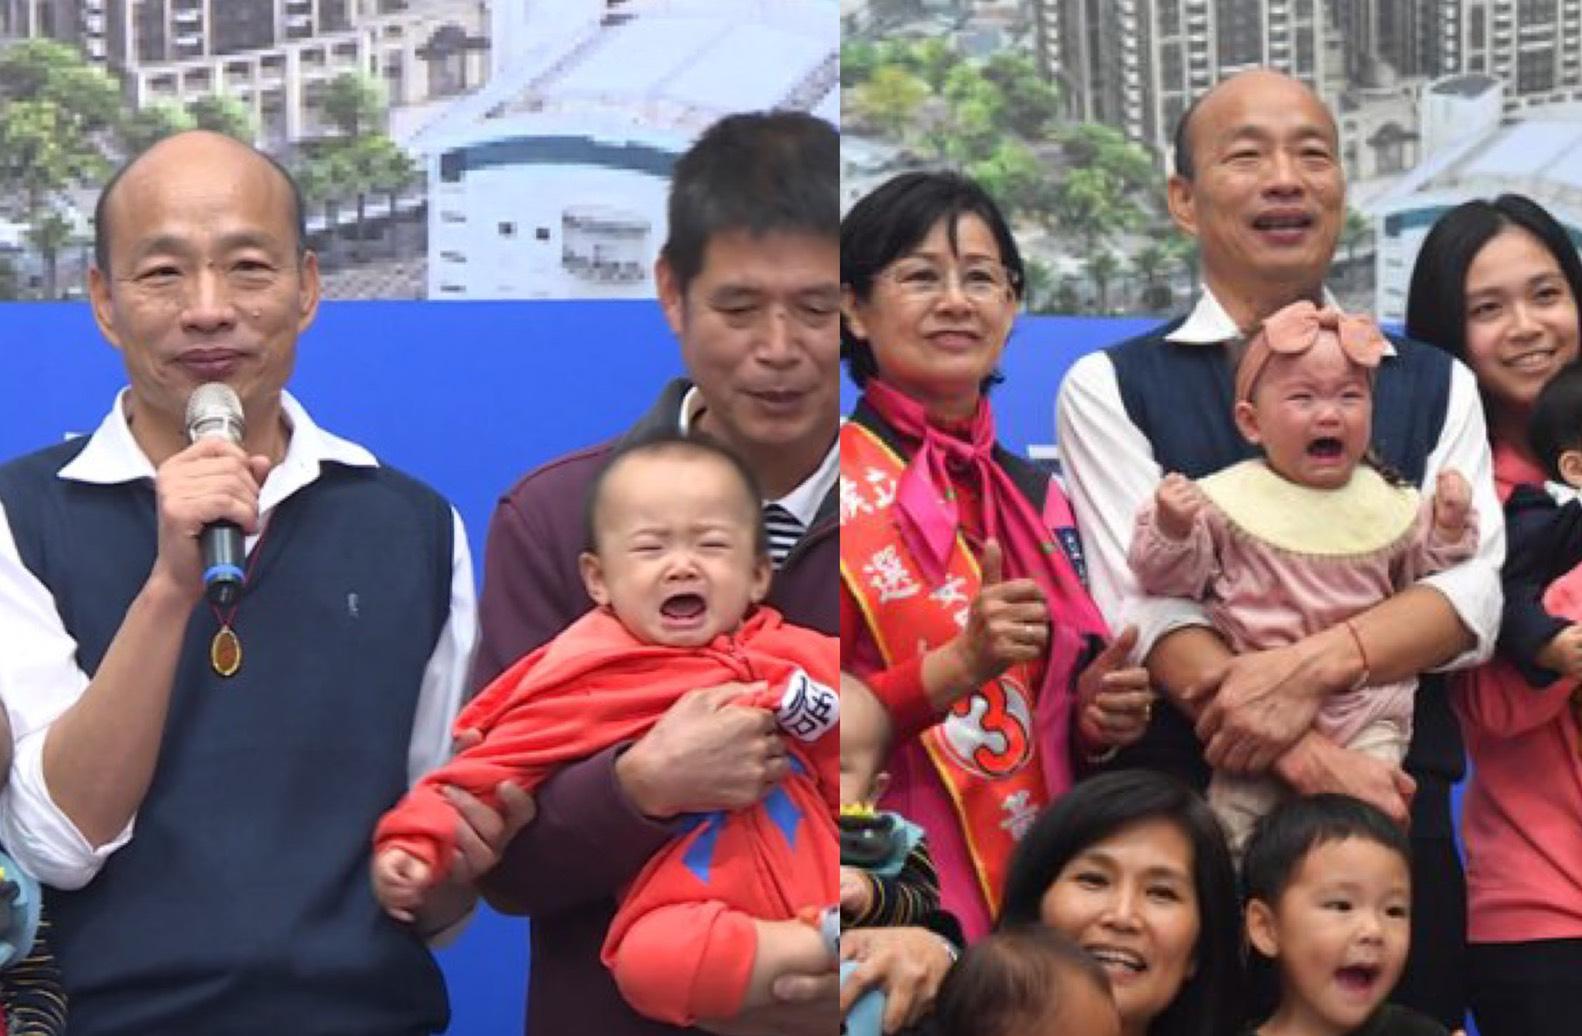 放過寶寶!韓國瑜狂親嬰兒醫生警告恐感染 作家批:別用孩童當政治宣傳道具